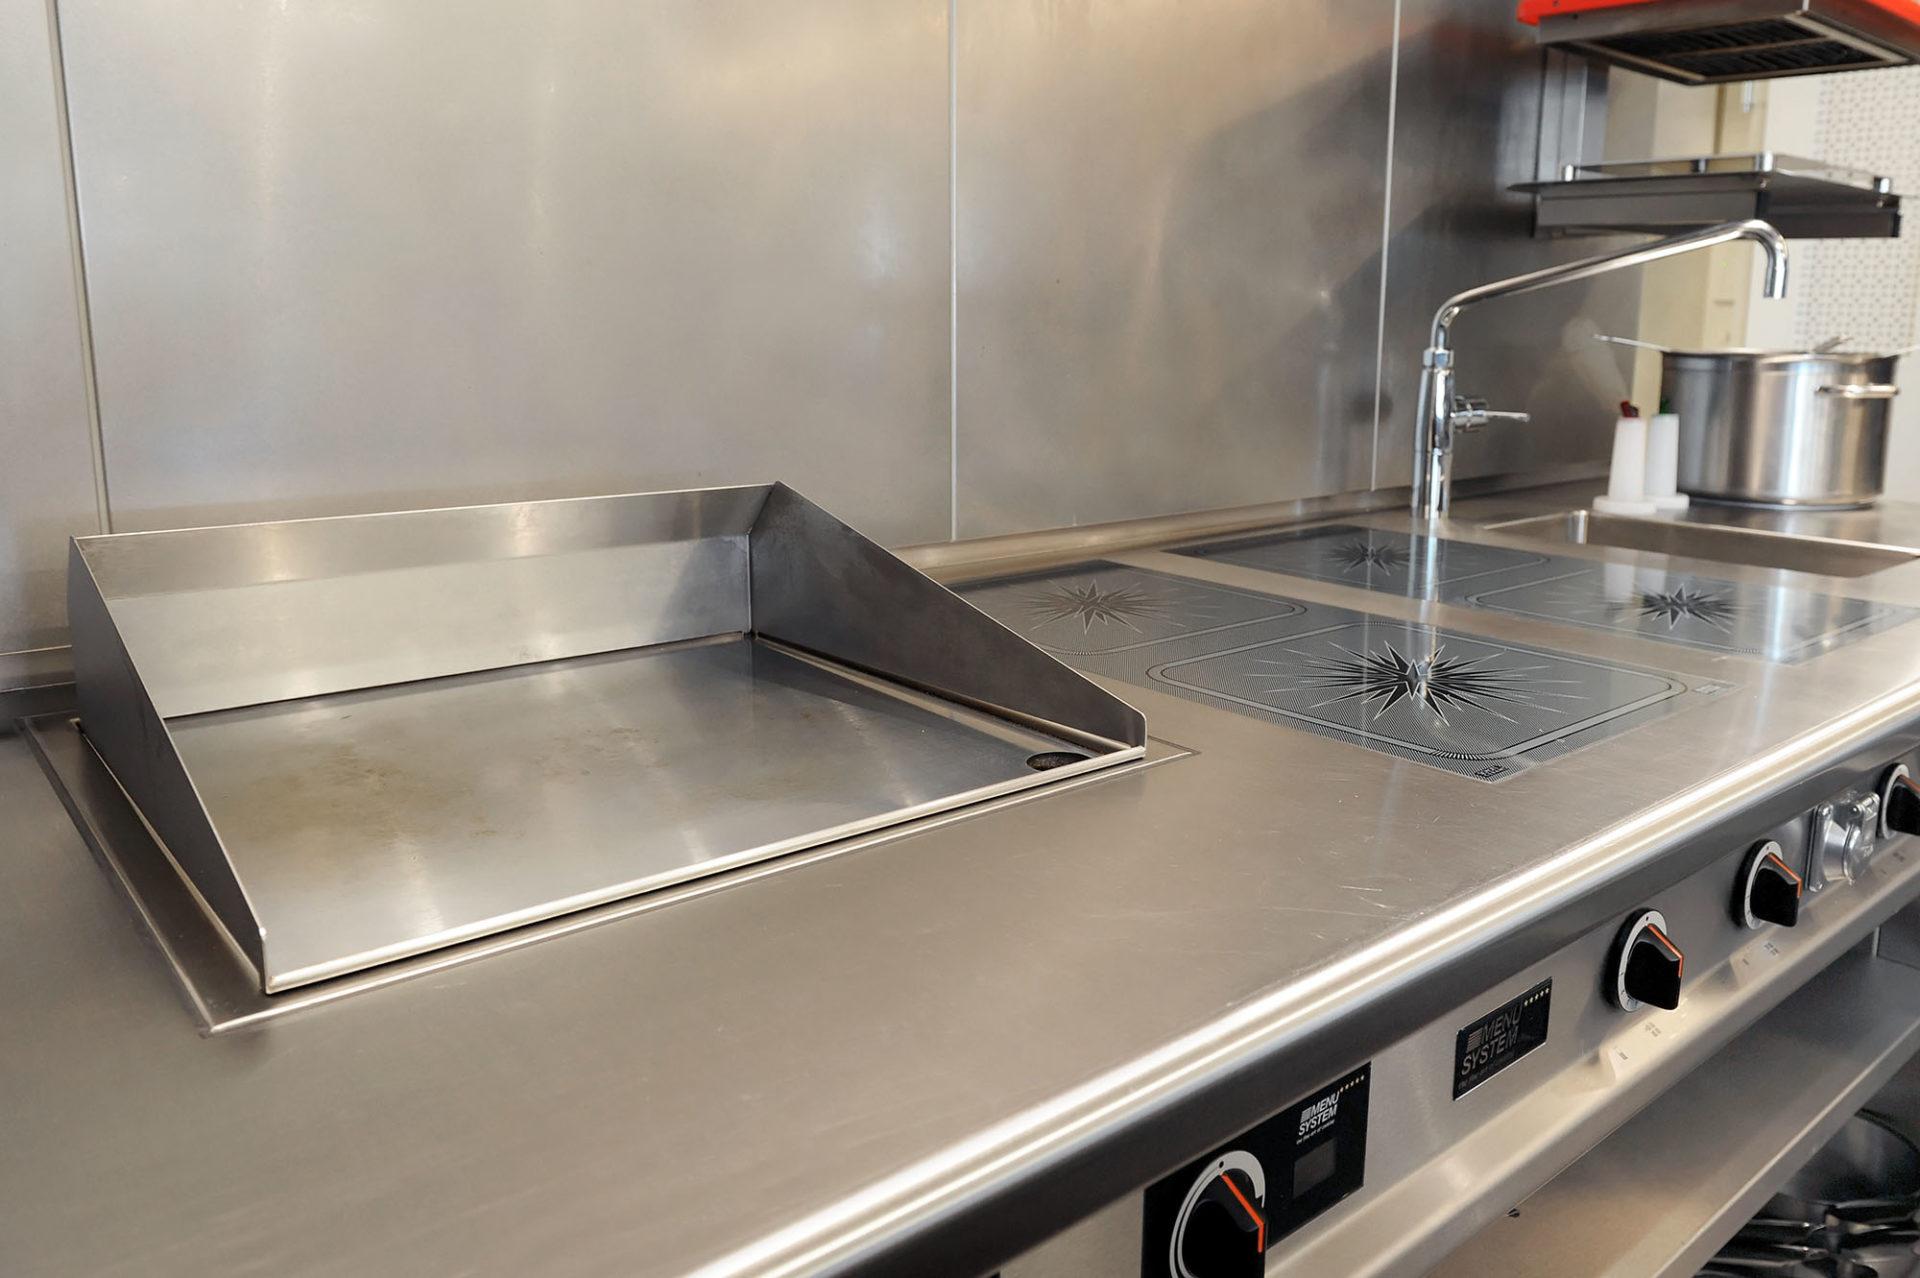 Full Size of Arbeitsplatten Küche Stein Hagebau Arbeitsplatten Küche Gebrauchte Arbeitsplatten Küche Arbeitsplatten Küche Zuschneiden Küche Arbeitsplatten Küche